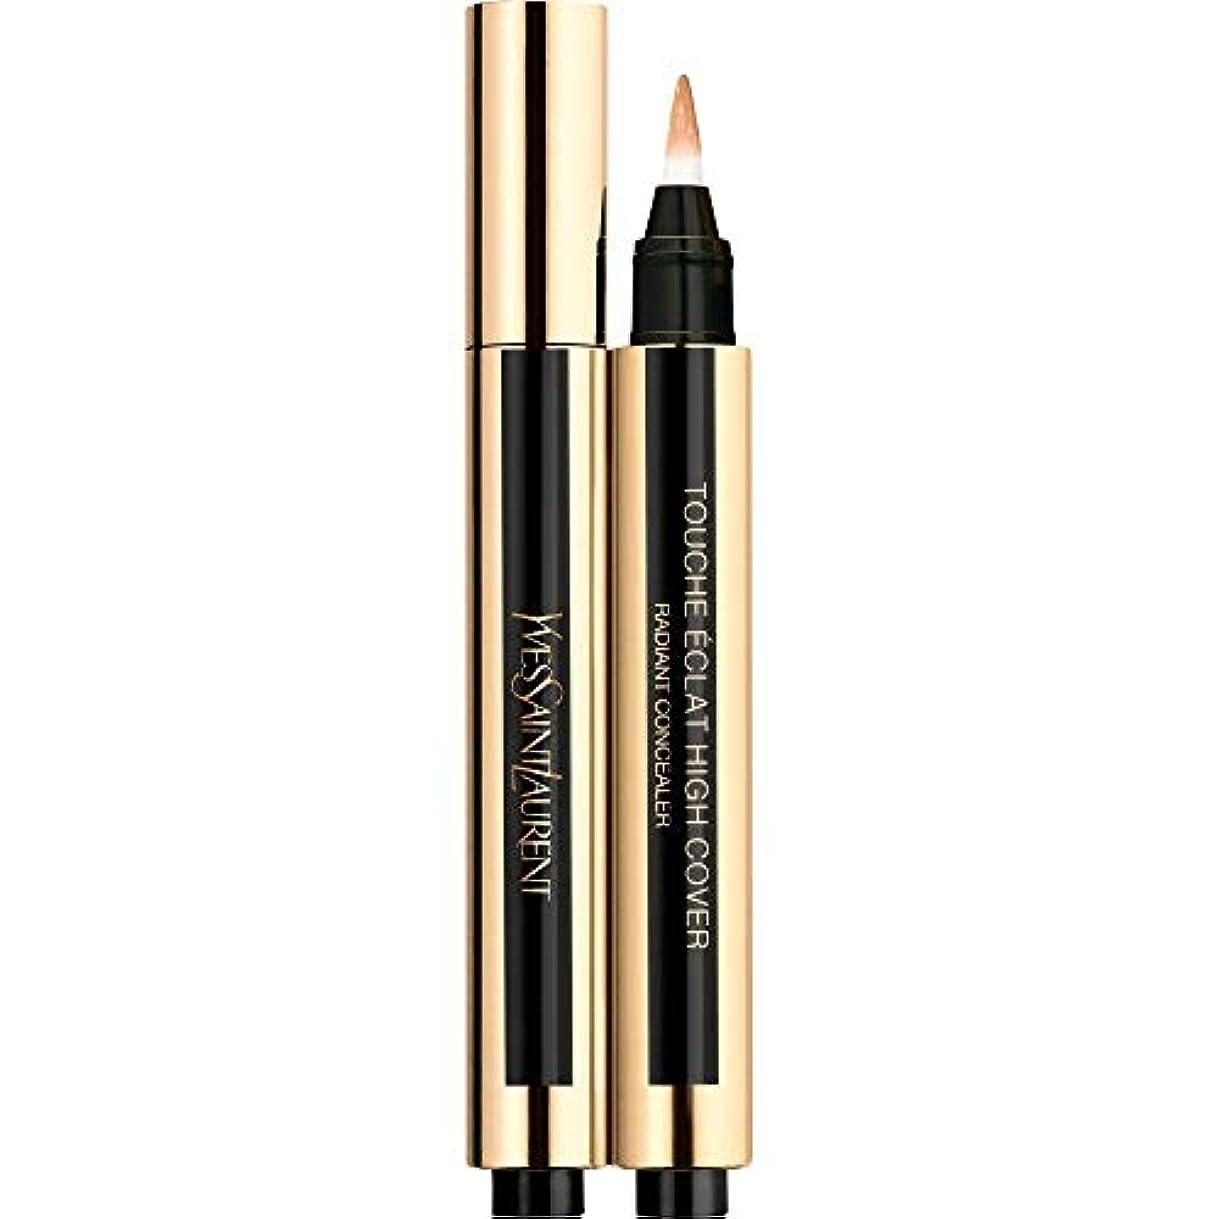 くしゃみ抹消敬意を表する[Yves Saint Laurent] 4.5 2.5ミリリットルイヴ?サンローランのトウシュエクラ高いカバー放射コンシーラーペン - 黄金 - Yves Saint Laurent Touche Eclat High Cover Radiant Concealer Pen 2.5ml 4.5 - Golden [並行輸入品]